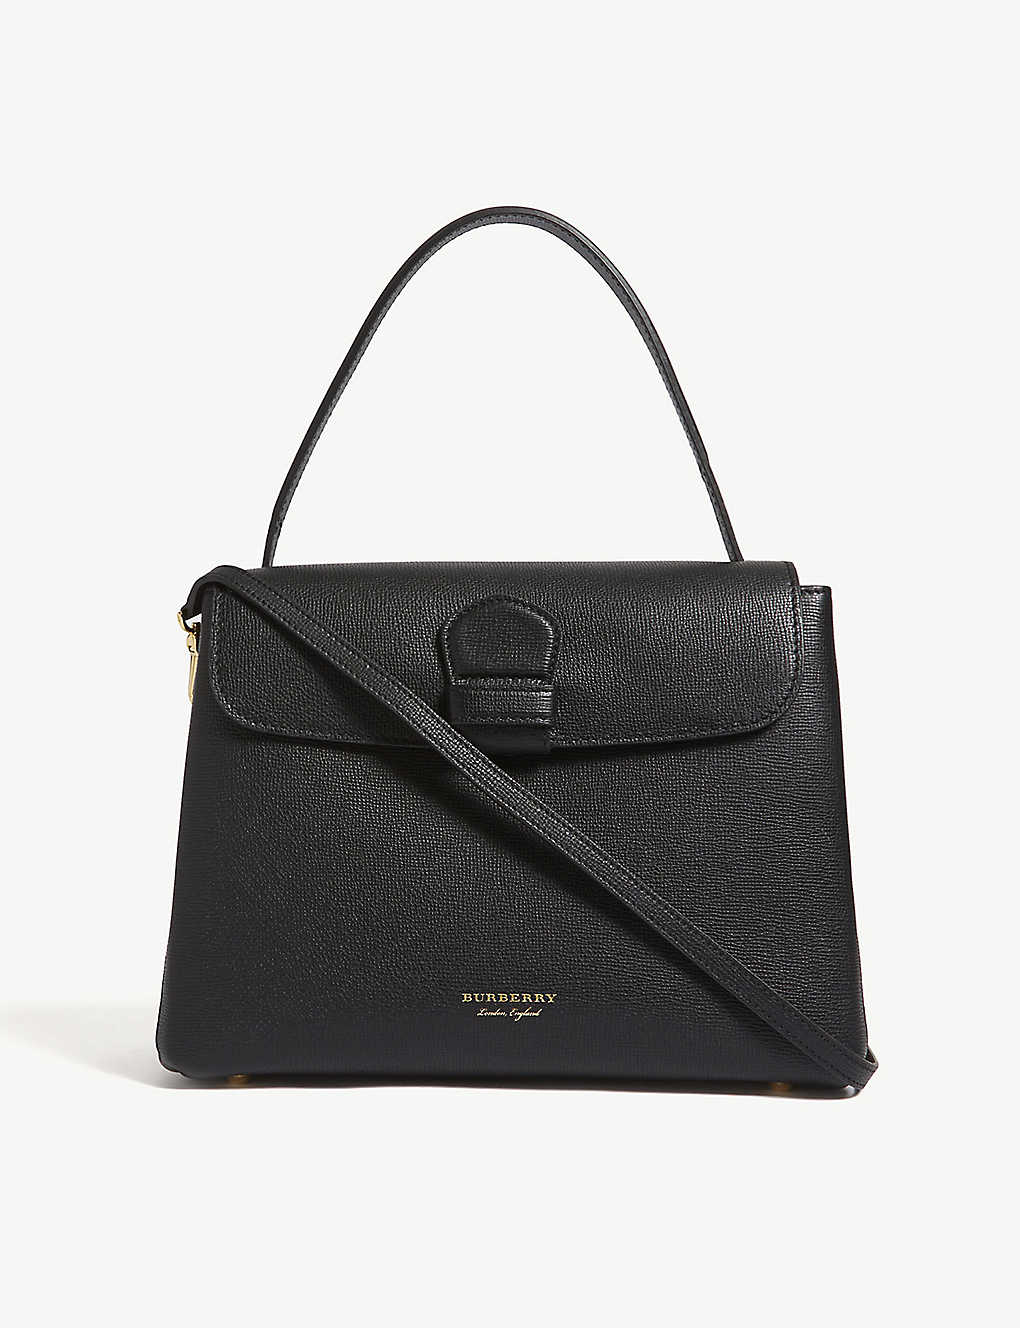 cb8316989ce BURBERRY - Camberley medium leather shoulder bag | Selfridges.com